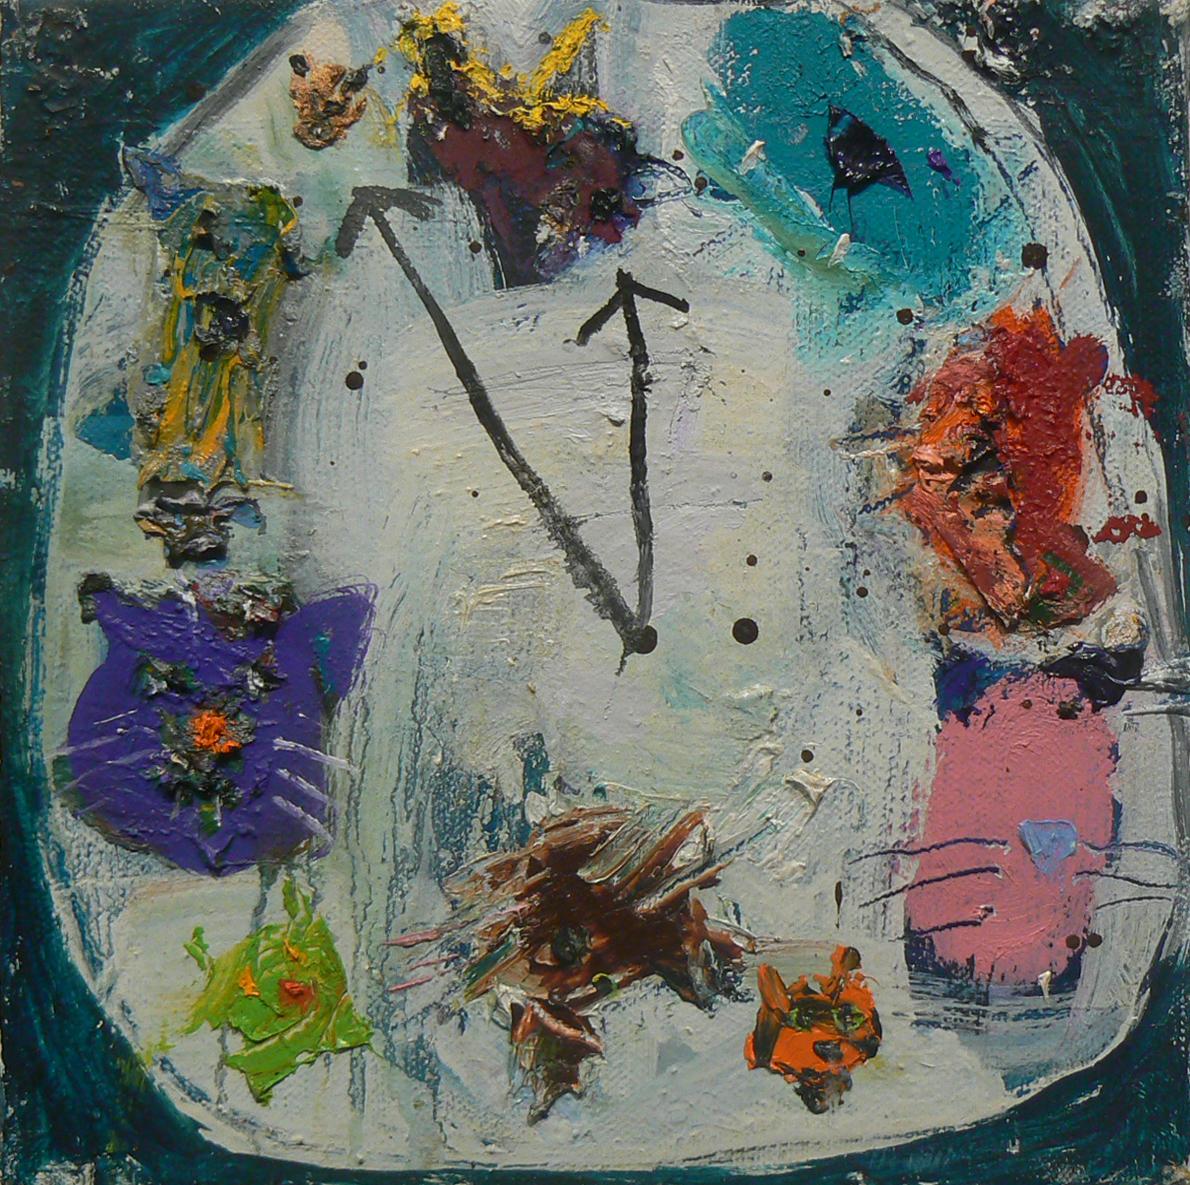 Matt Blackwell, Puss O'Clock , 2013, Oil on canvas, 8h x 8w in.